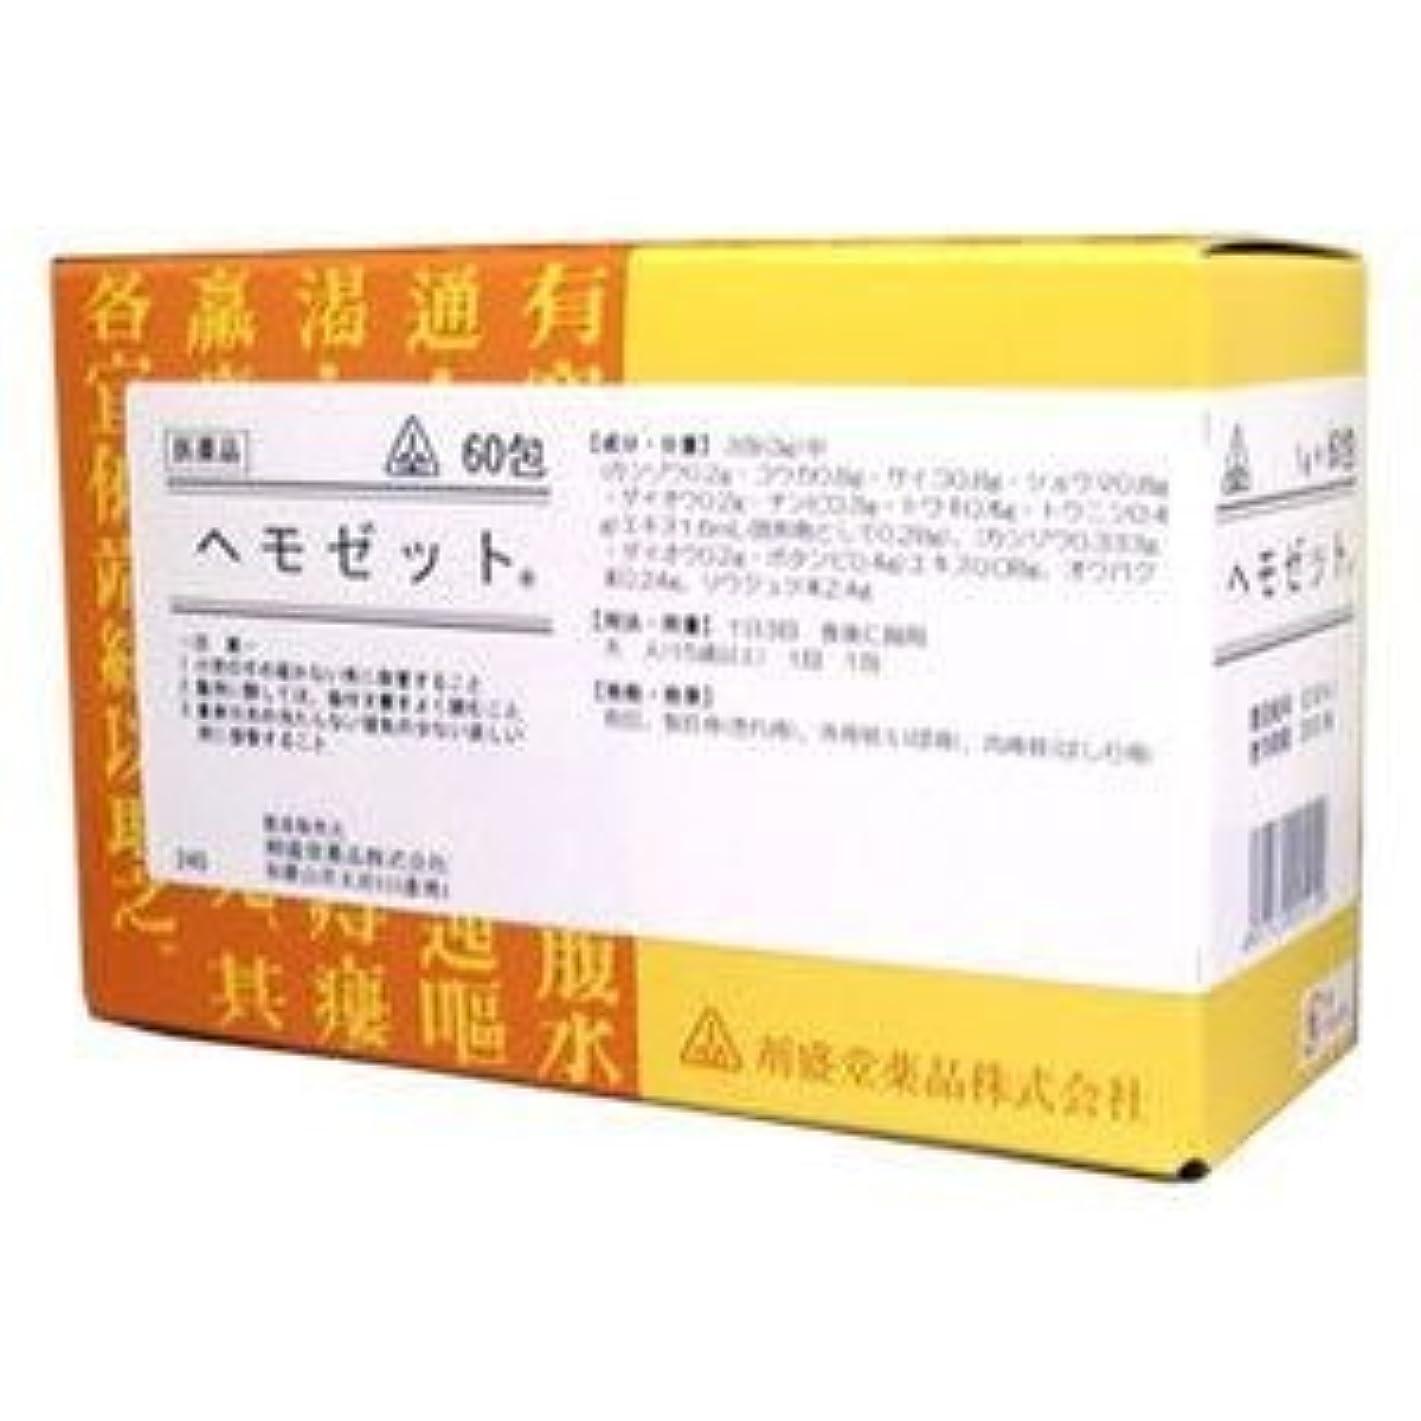 チャンバー禁じる完了【第2類医薬品】剤盛堂薬品ホノミ漢方 ヘモゼット60包 ×5